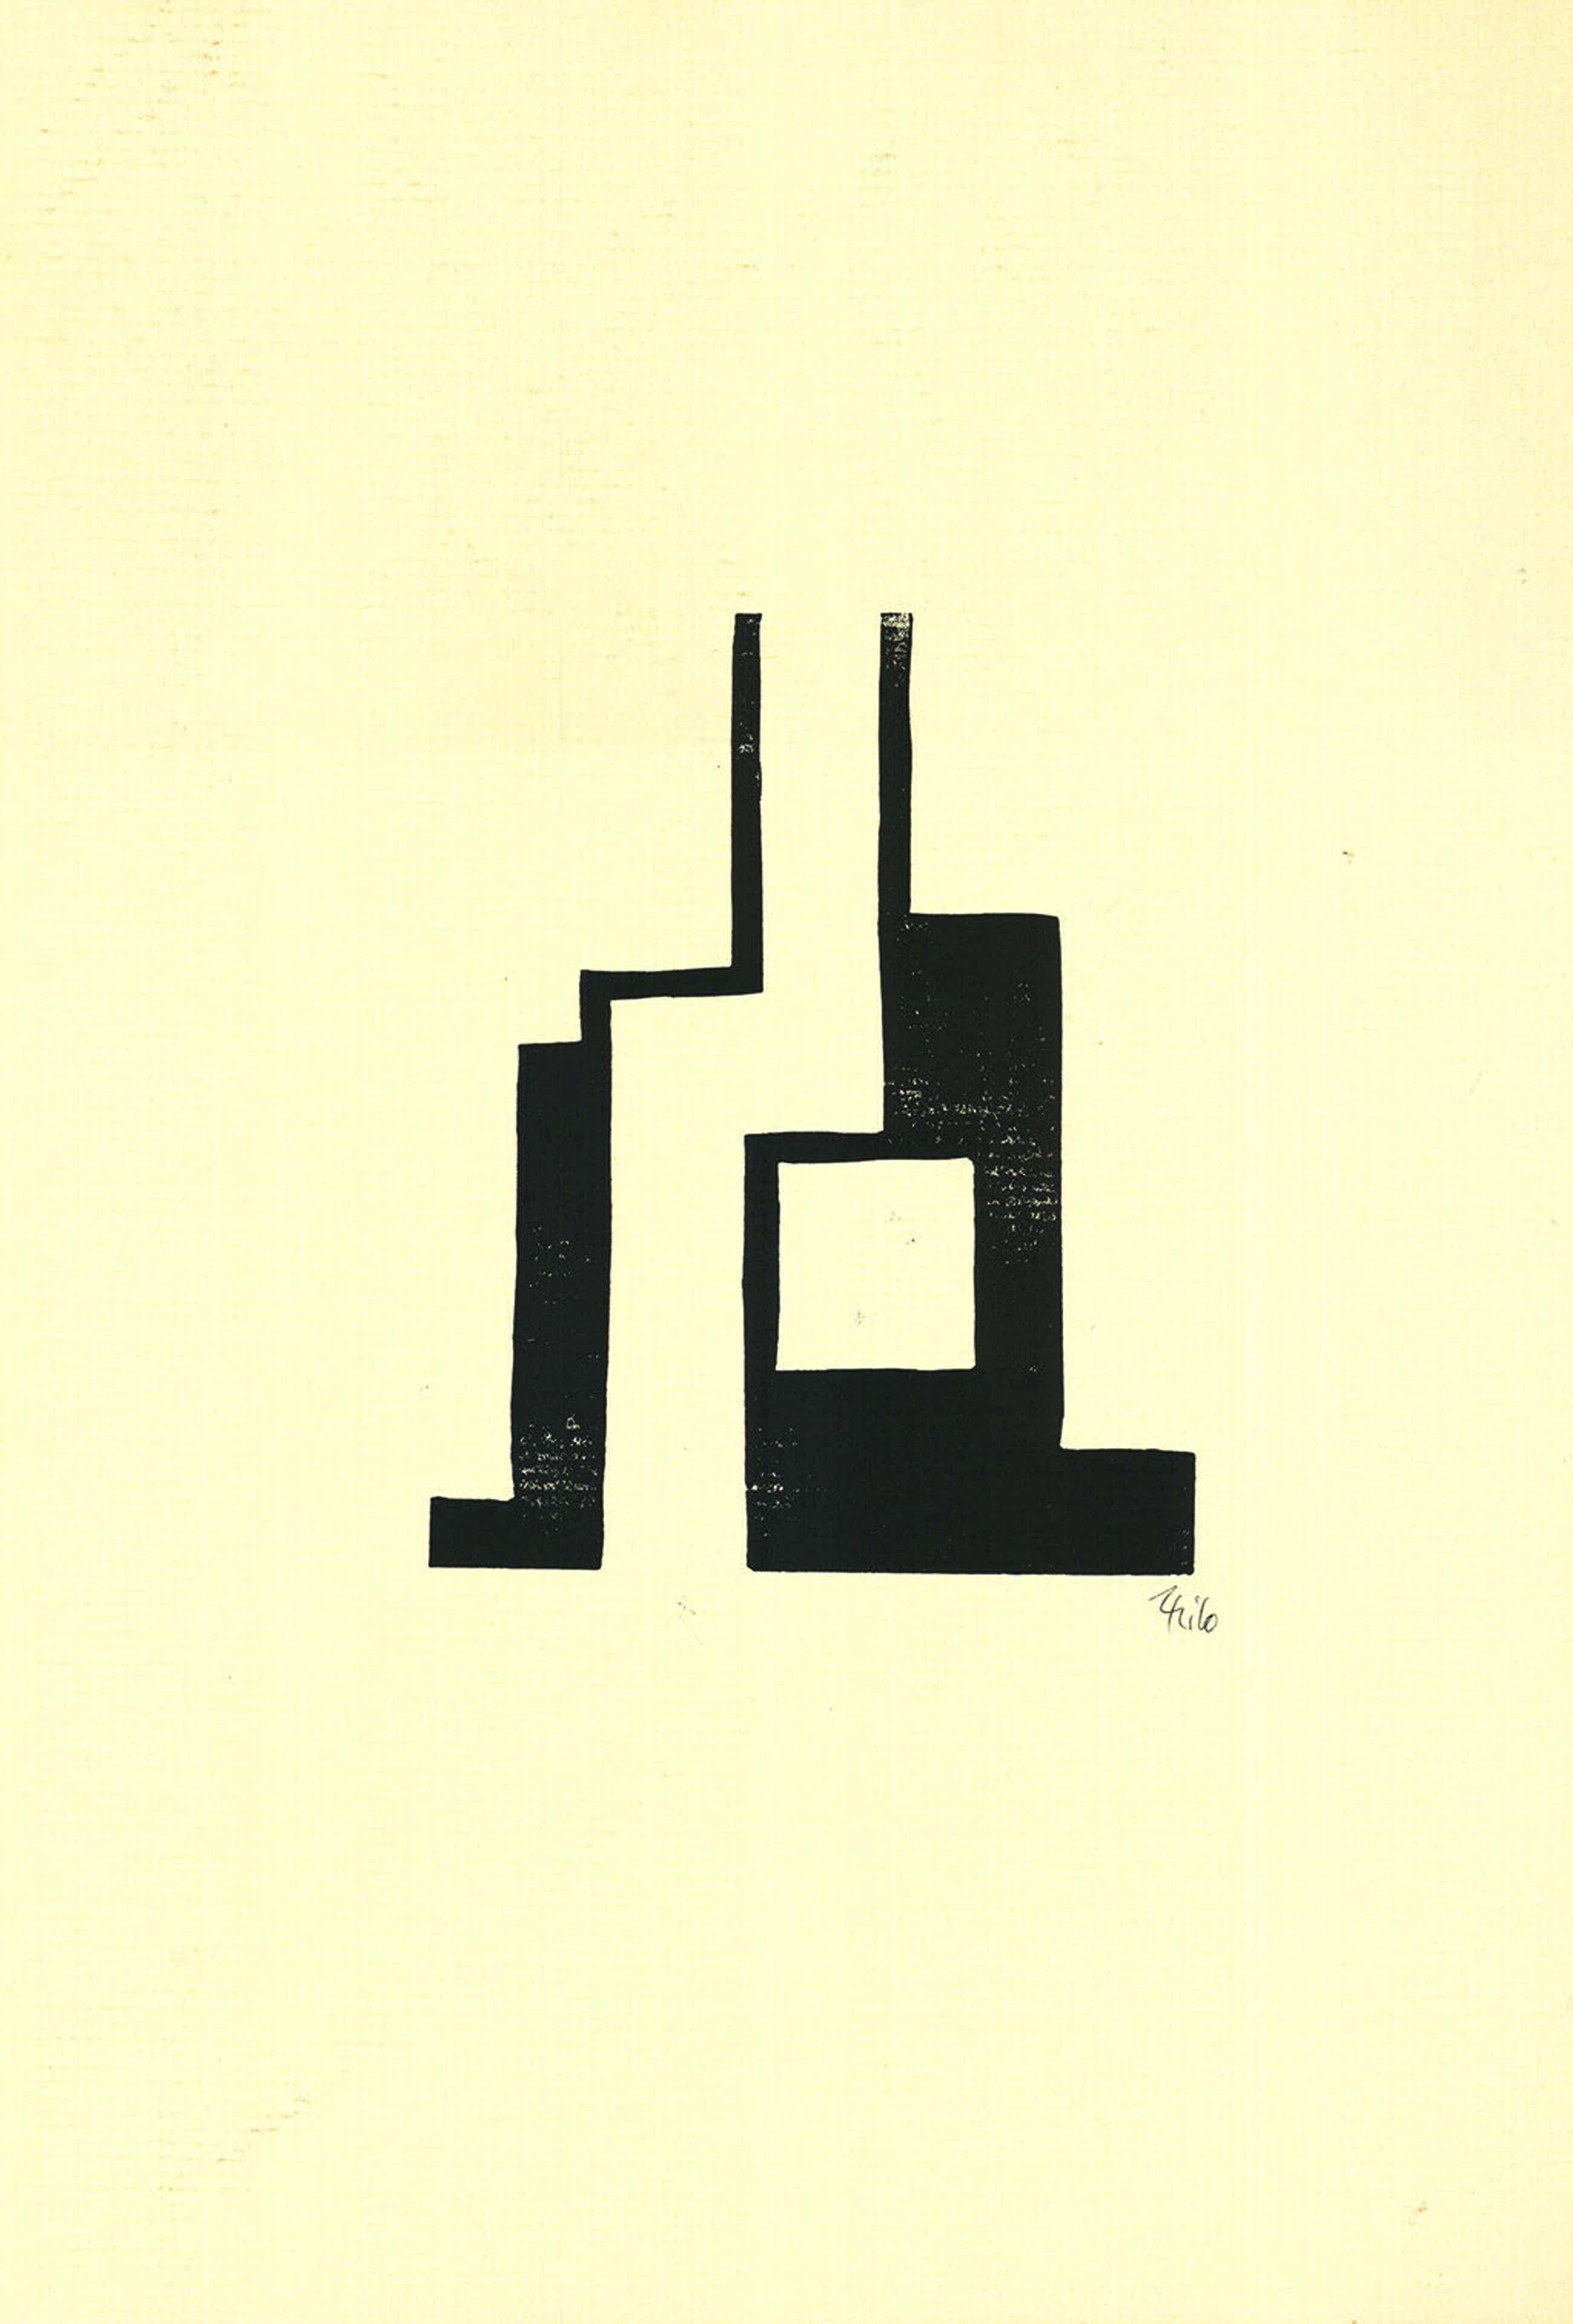 Thilo Maatsch - Handgesigneerde houtsnede: Geometrische Compositie kopen? Bied vanaf 50!